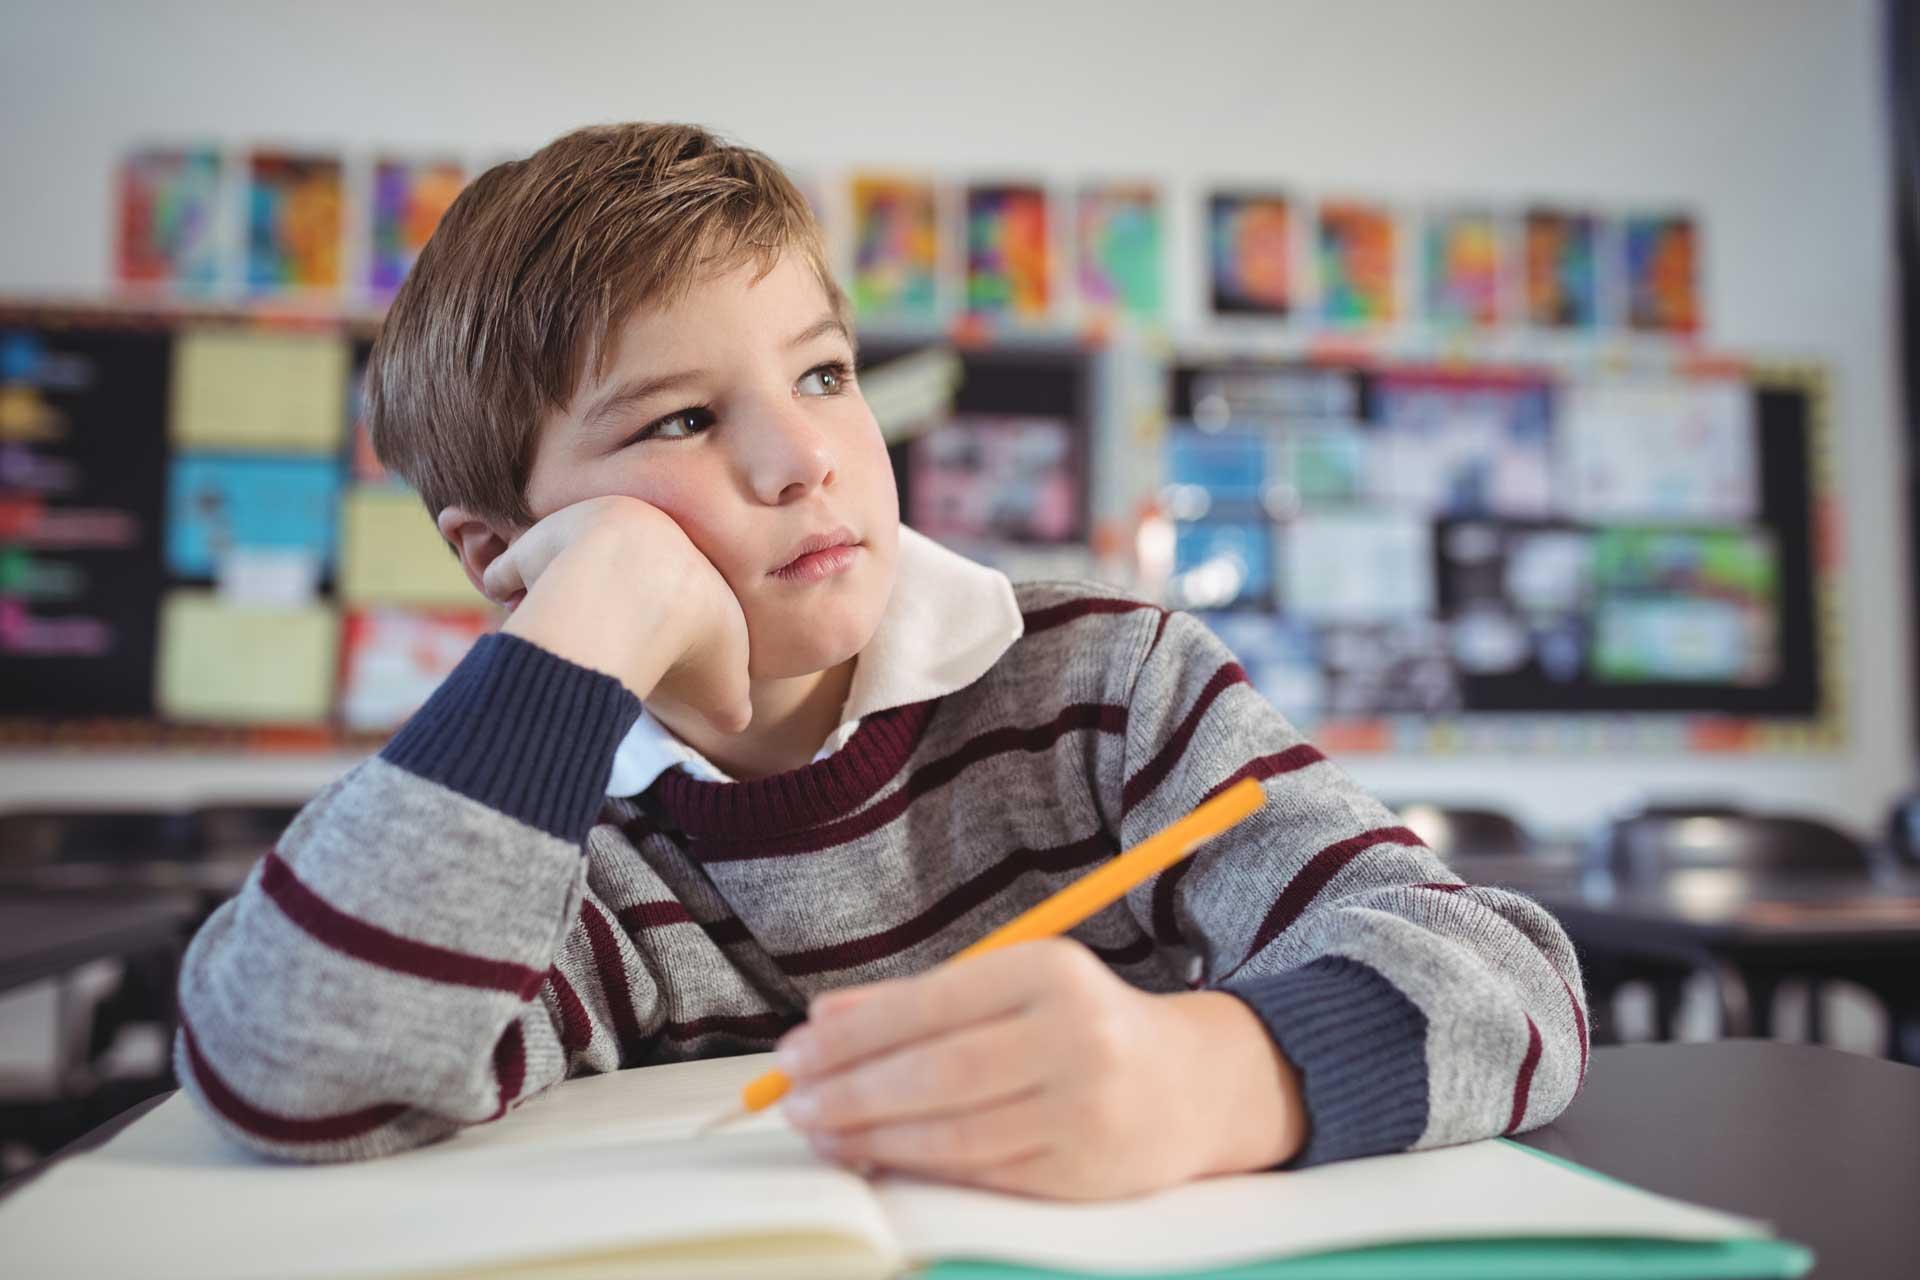 Xerrada informativa per a comunitats educatives sobre dificultats d'aprentatge derivades de problemes visuals